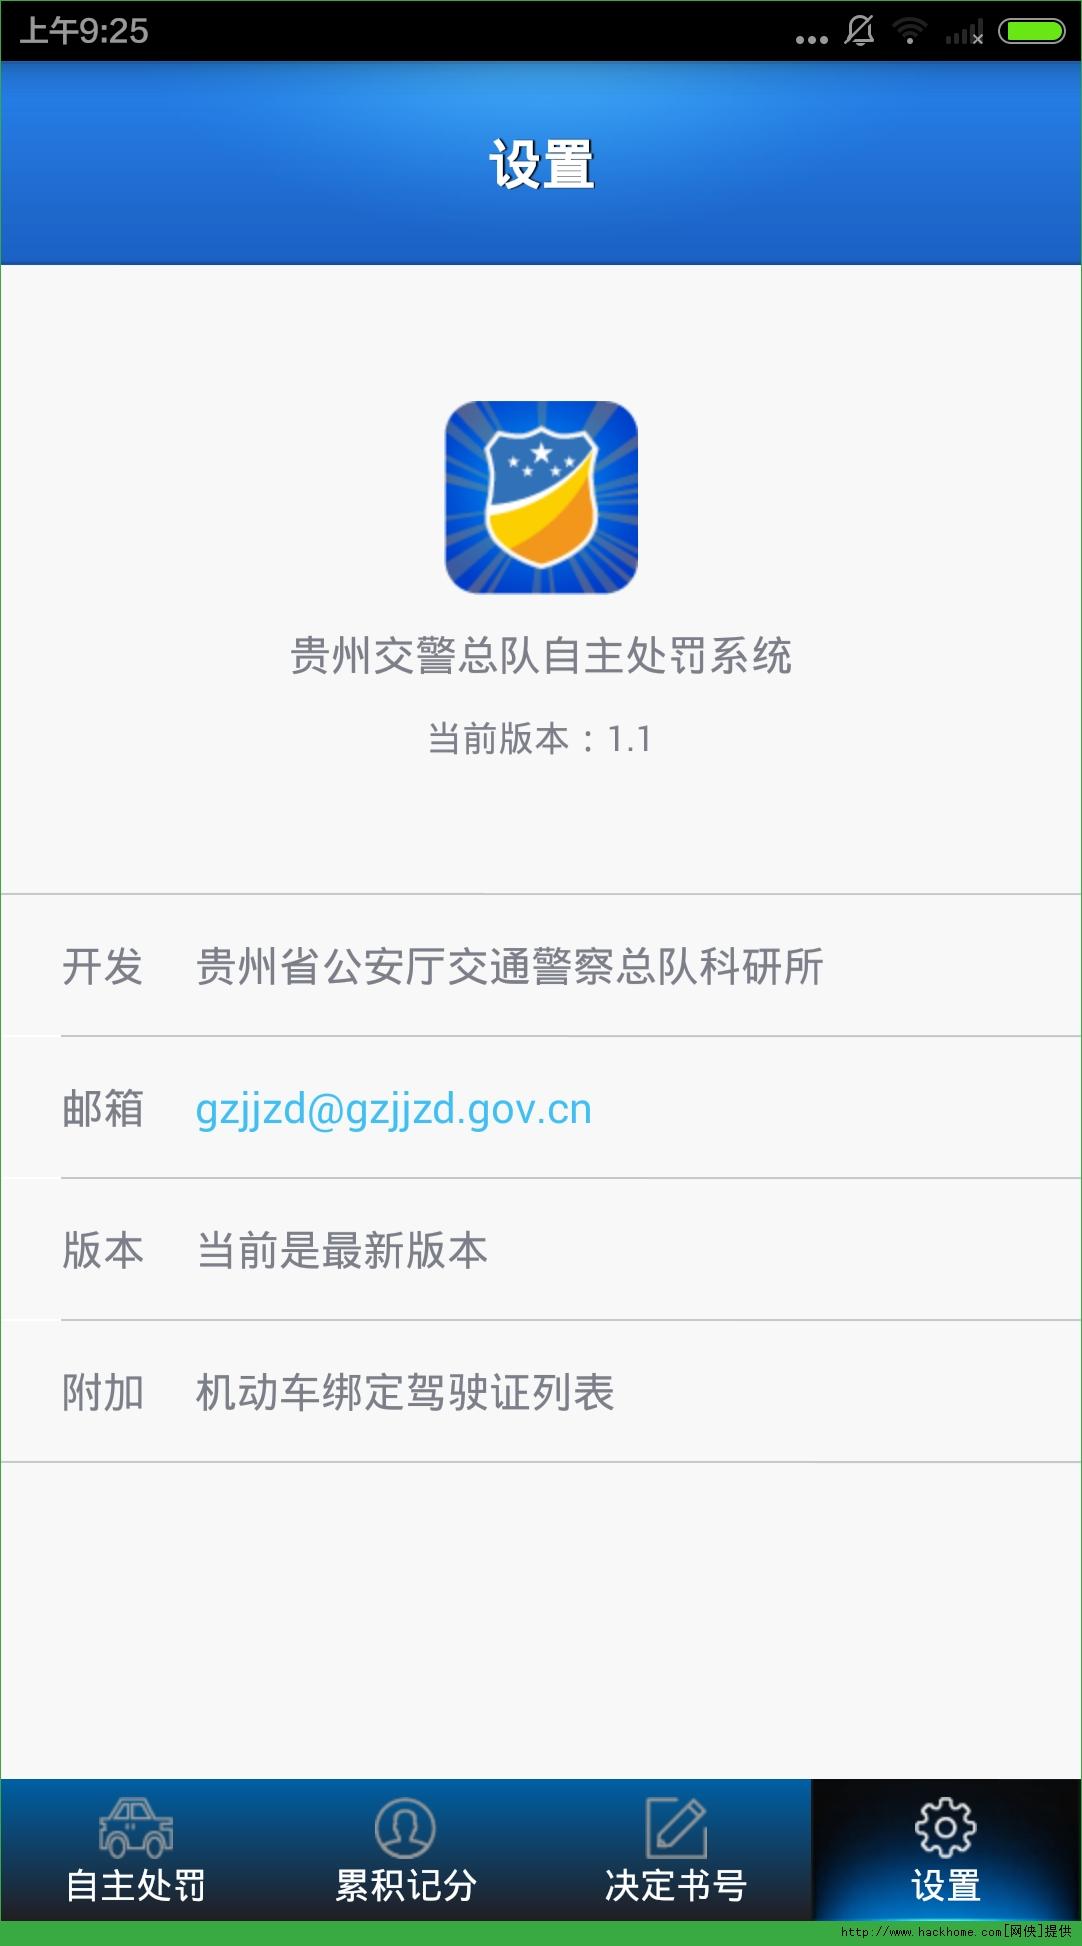 贵阳交警APP下载(贵州交警)图5: